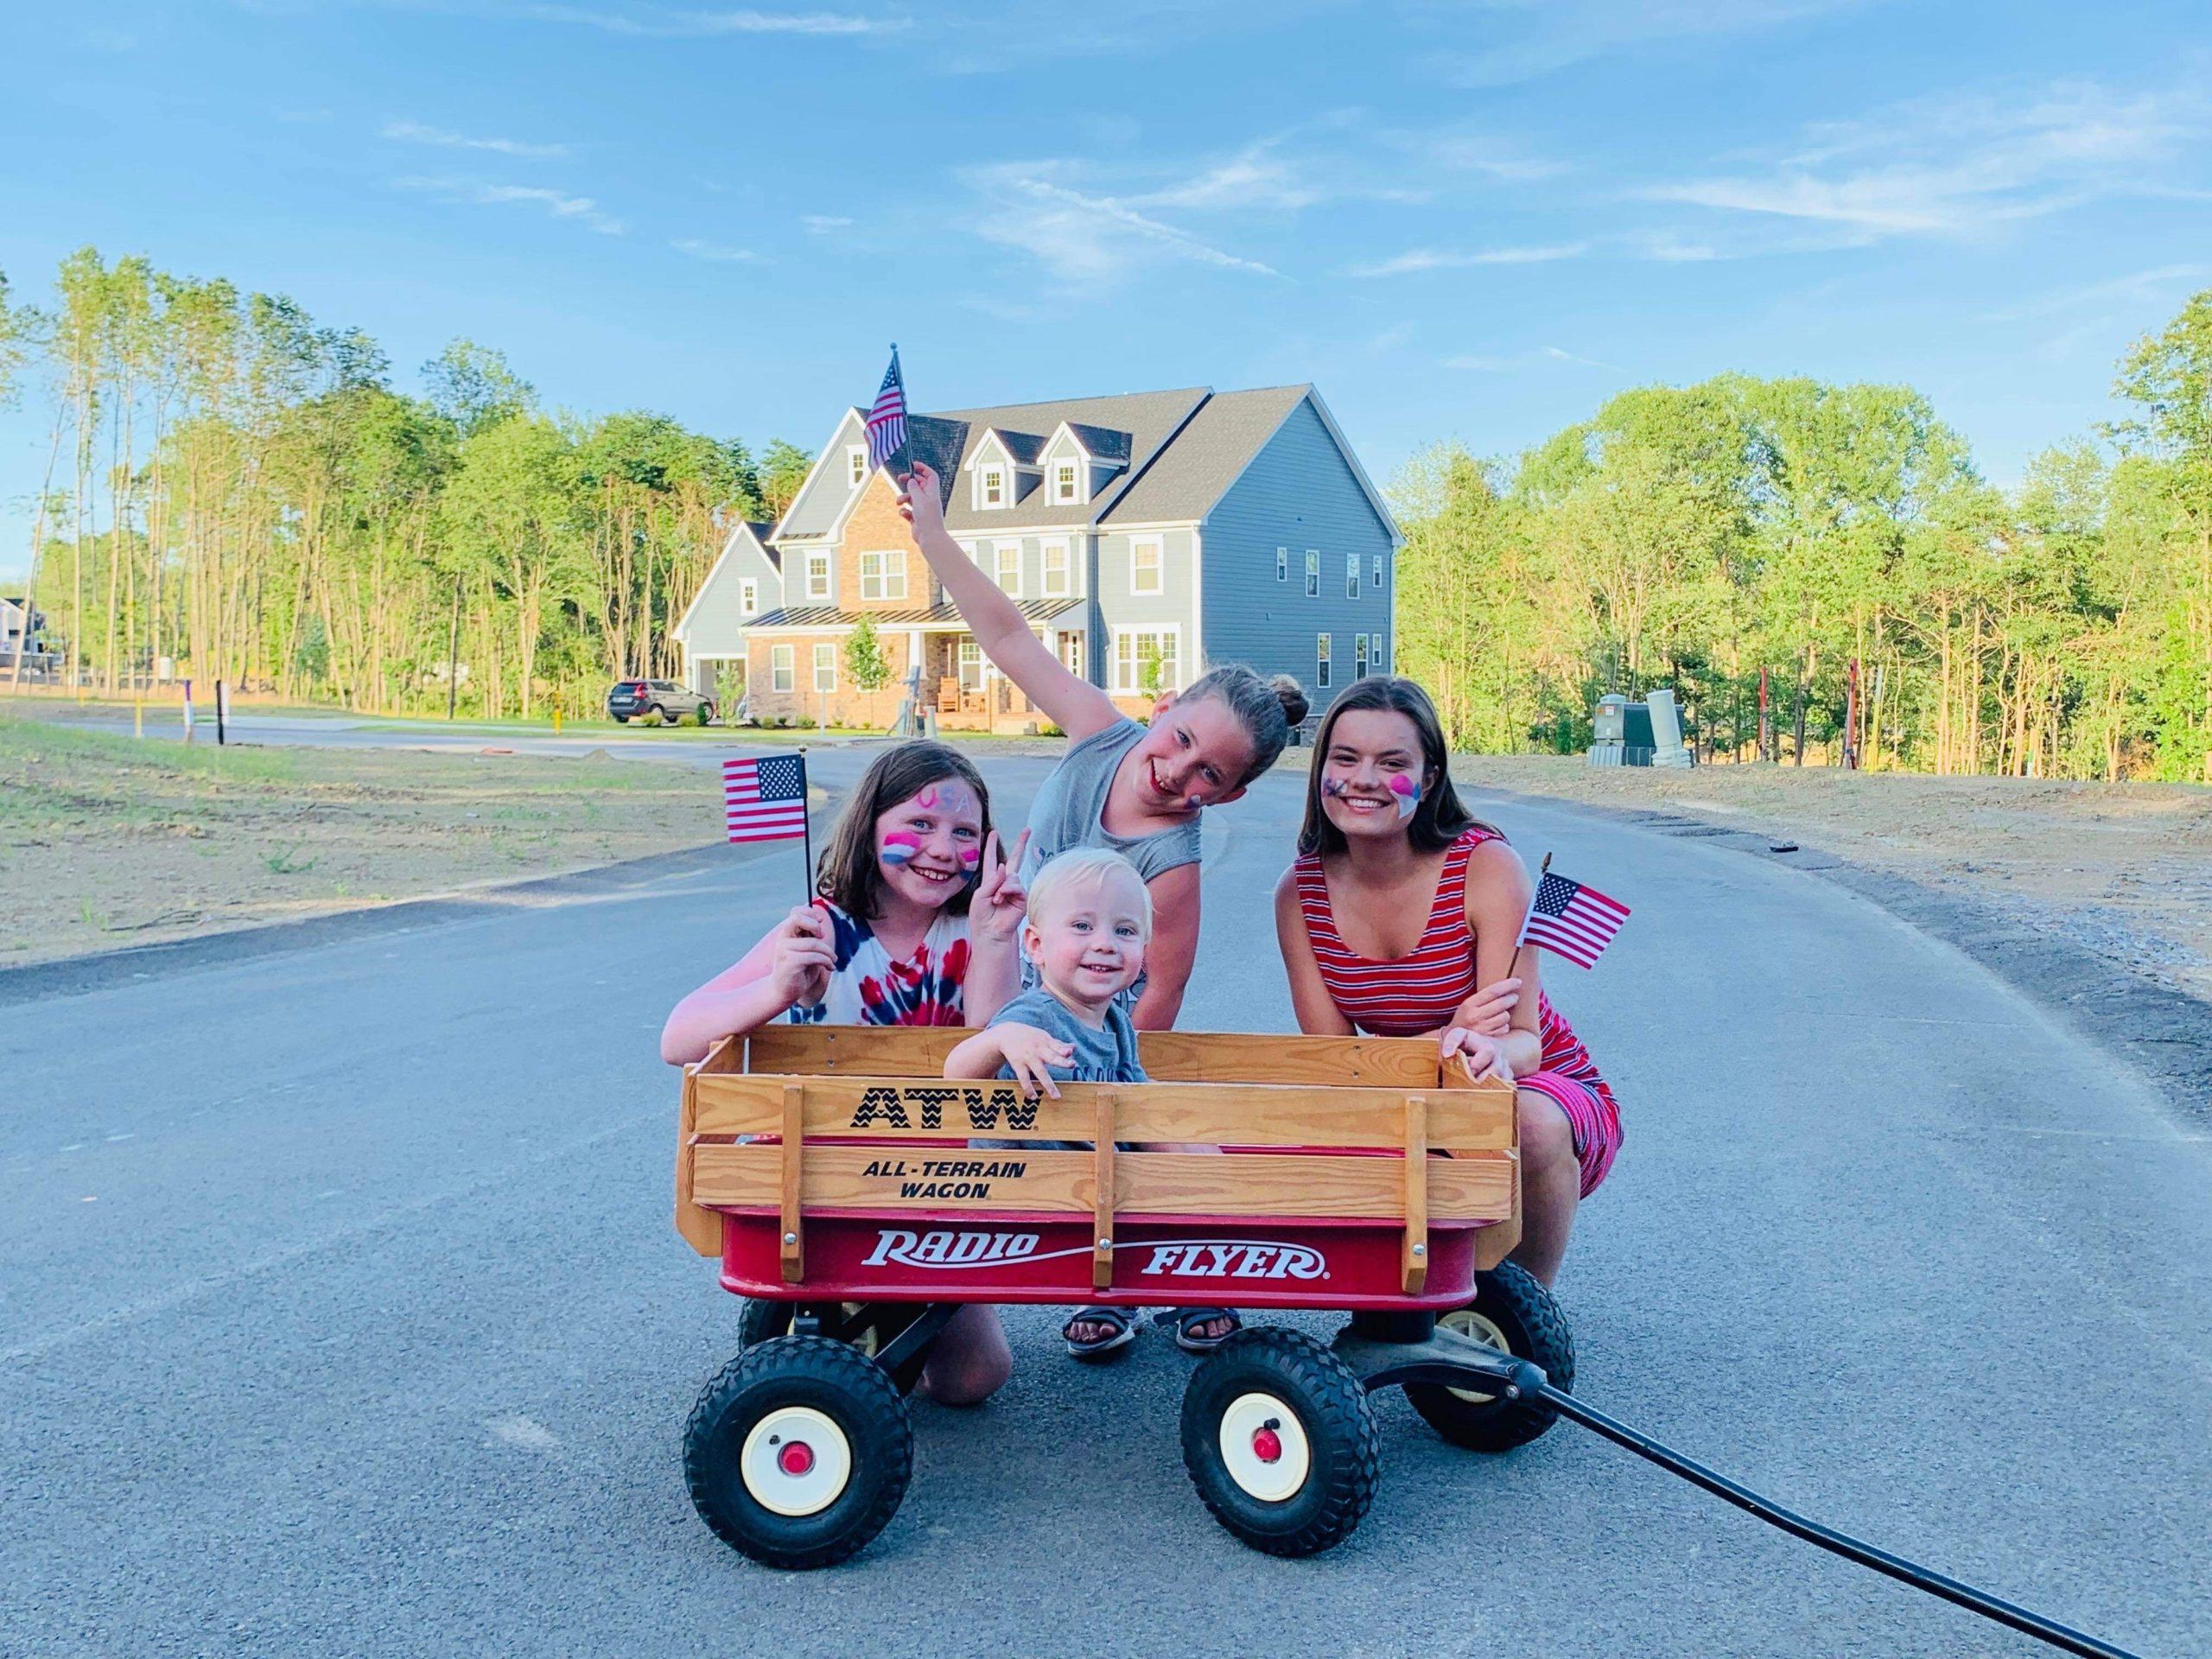 Au Pair and Host Children   Au Pair in America Photo Contest